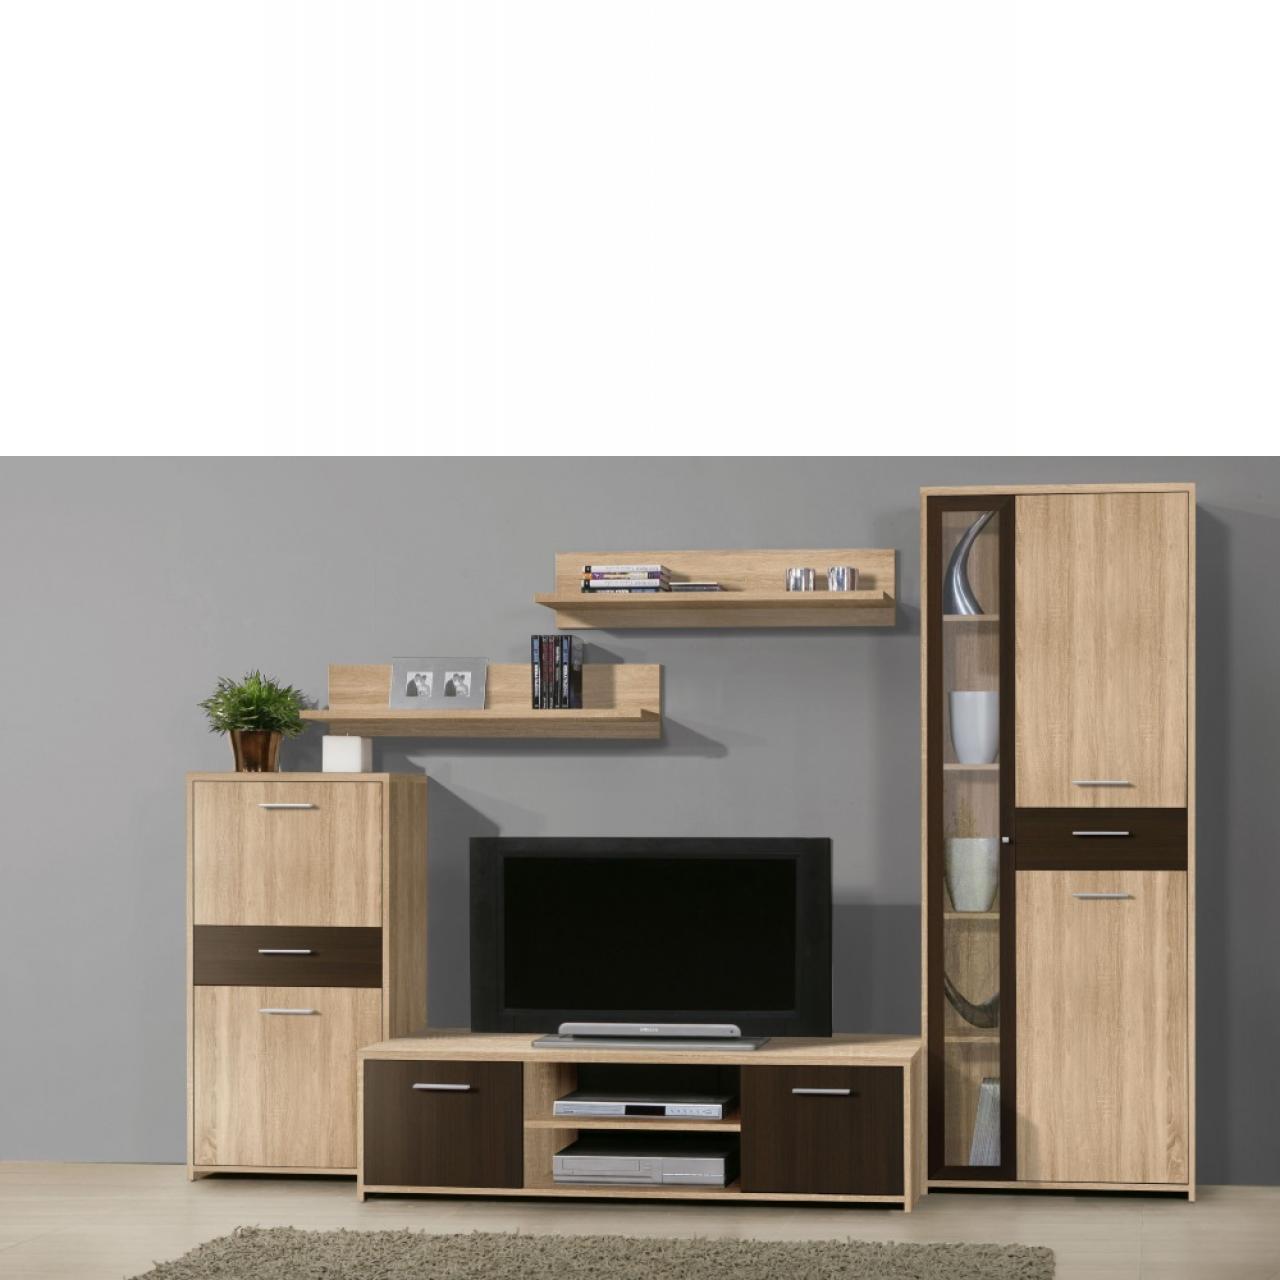 jive wohnw nde wohnen m bel j hnichen center gmbh. Black Bedroom Furniture Sets. Home Design Ideas